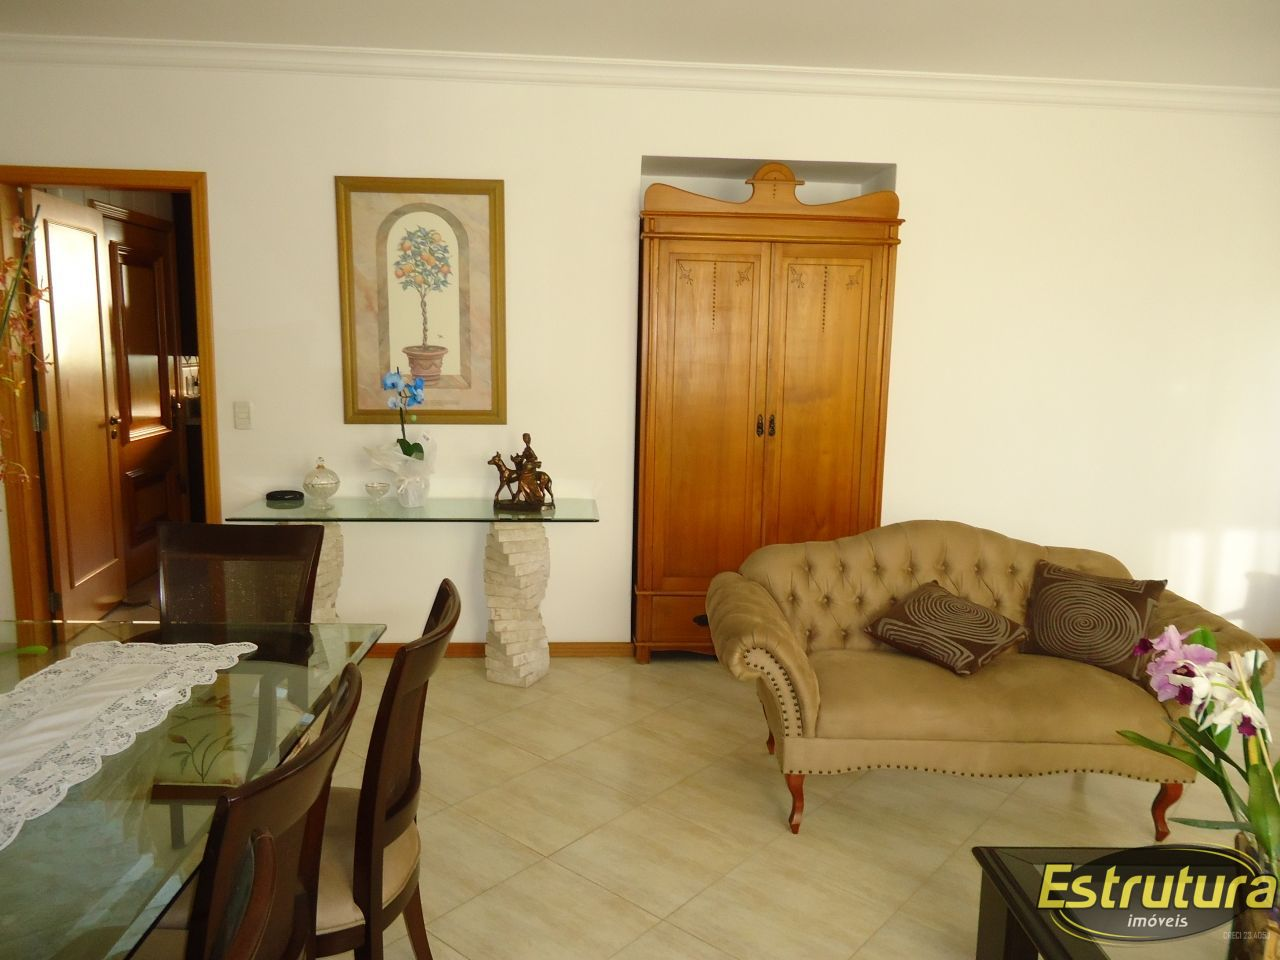 Apartamento com 3 Dormitórios à venda, 199 m² por R$ 1.200.000,00